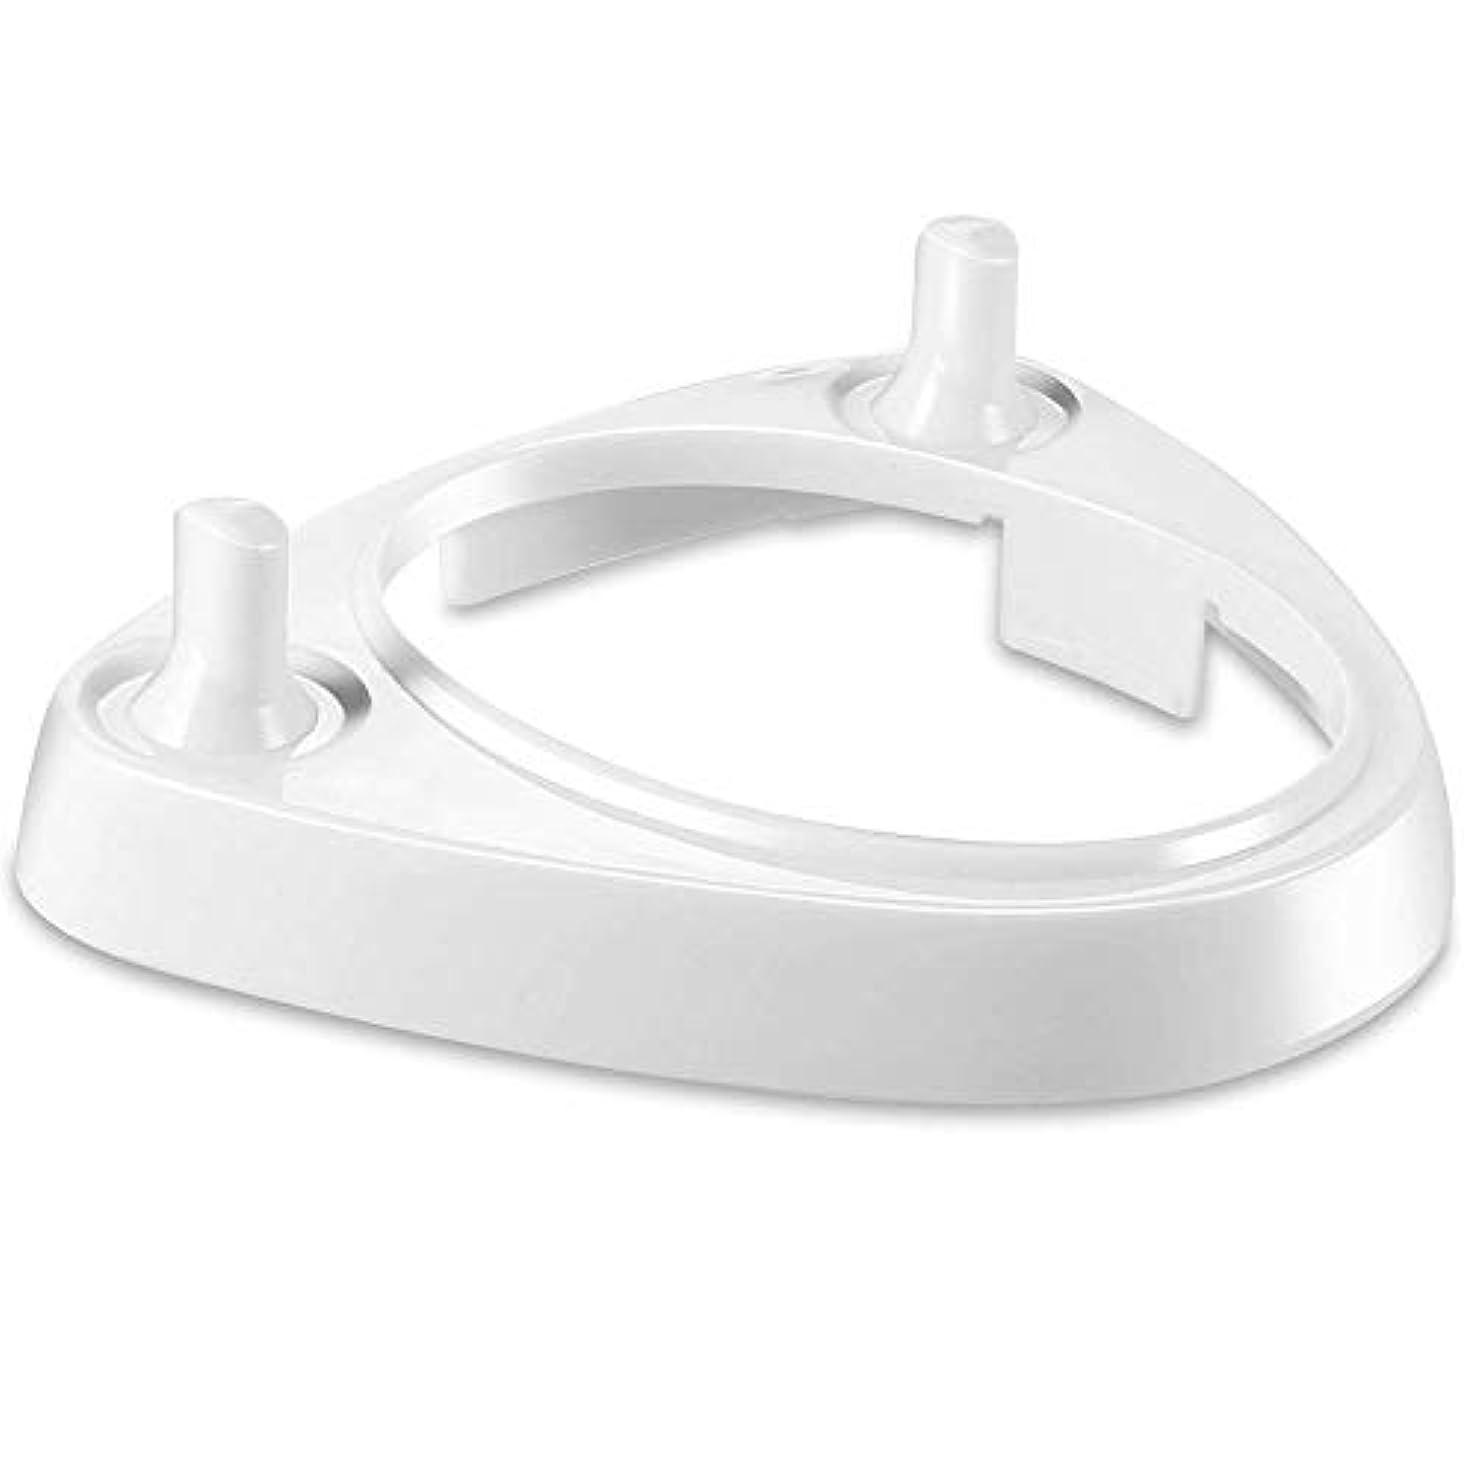 社会主義買い物に行く許可Orient Direct 歯ブラシのヘッドホルダーの三角形の形屋内のための歯ブラシのヘッド充電器のホールダー